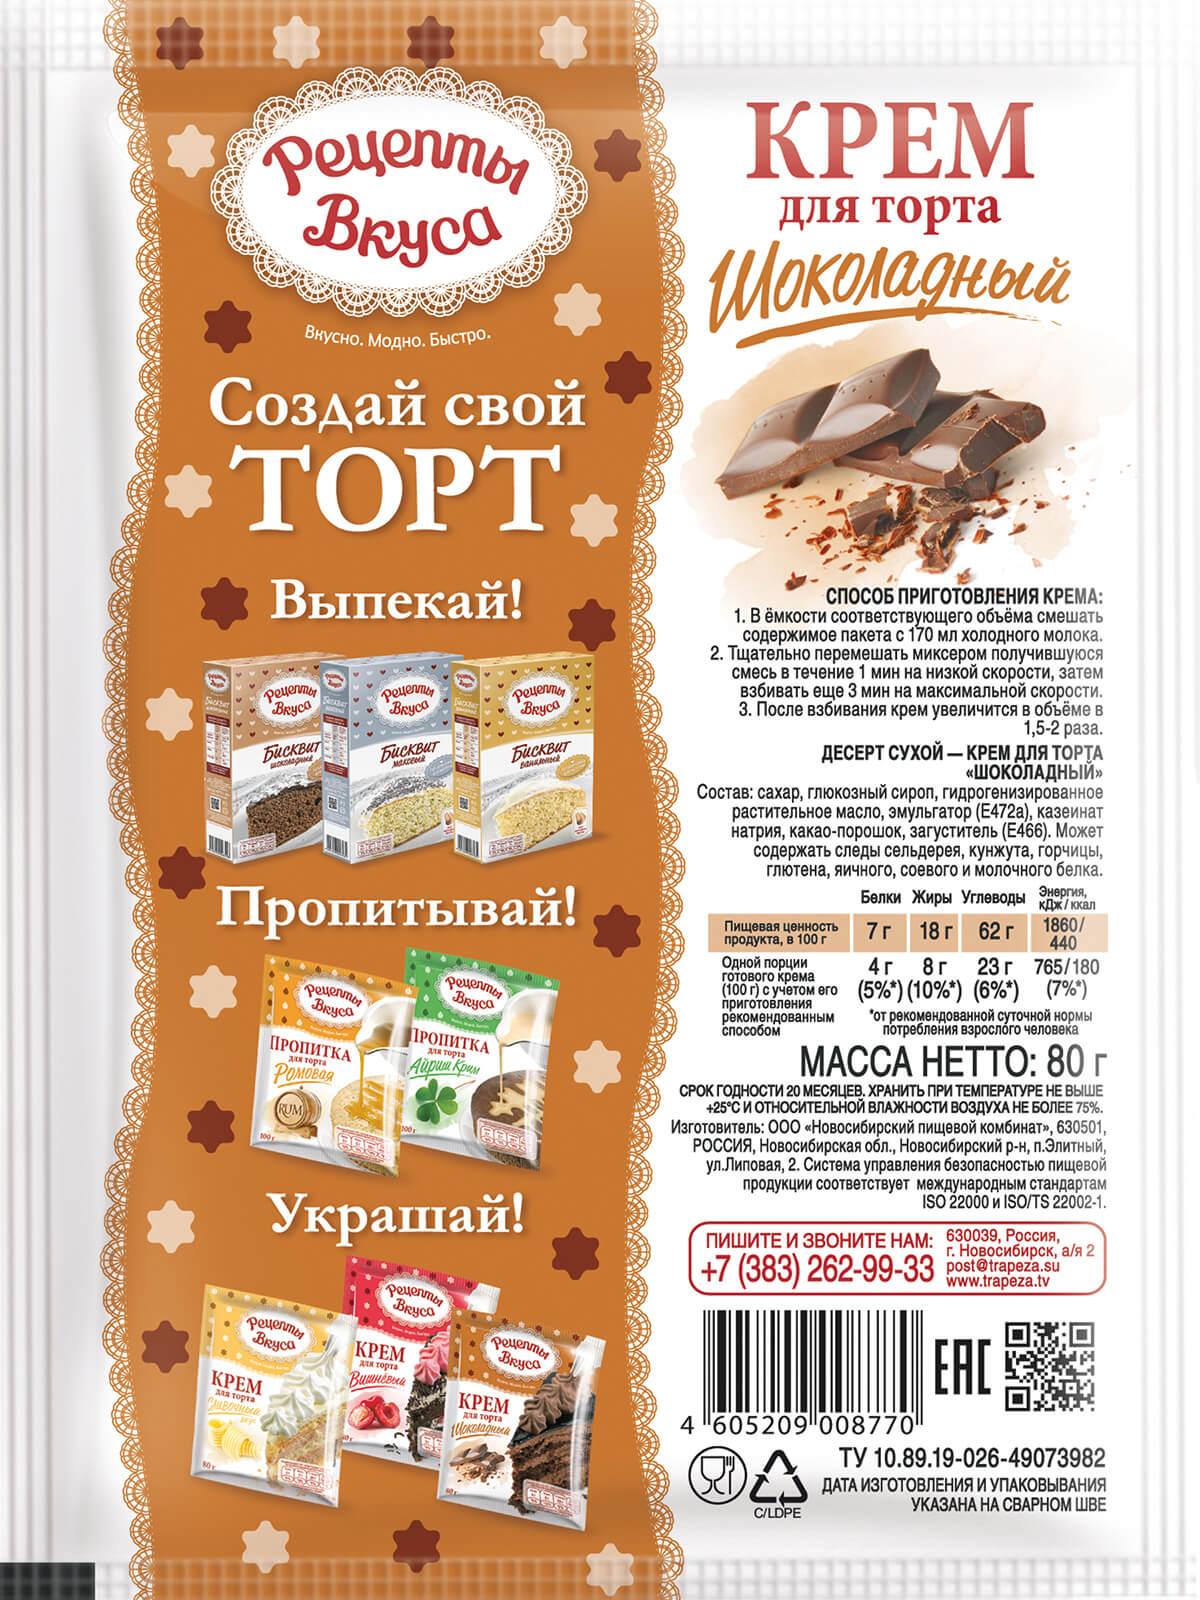 Крем для торта Шоколадный Рецепты Вкуса 80г.